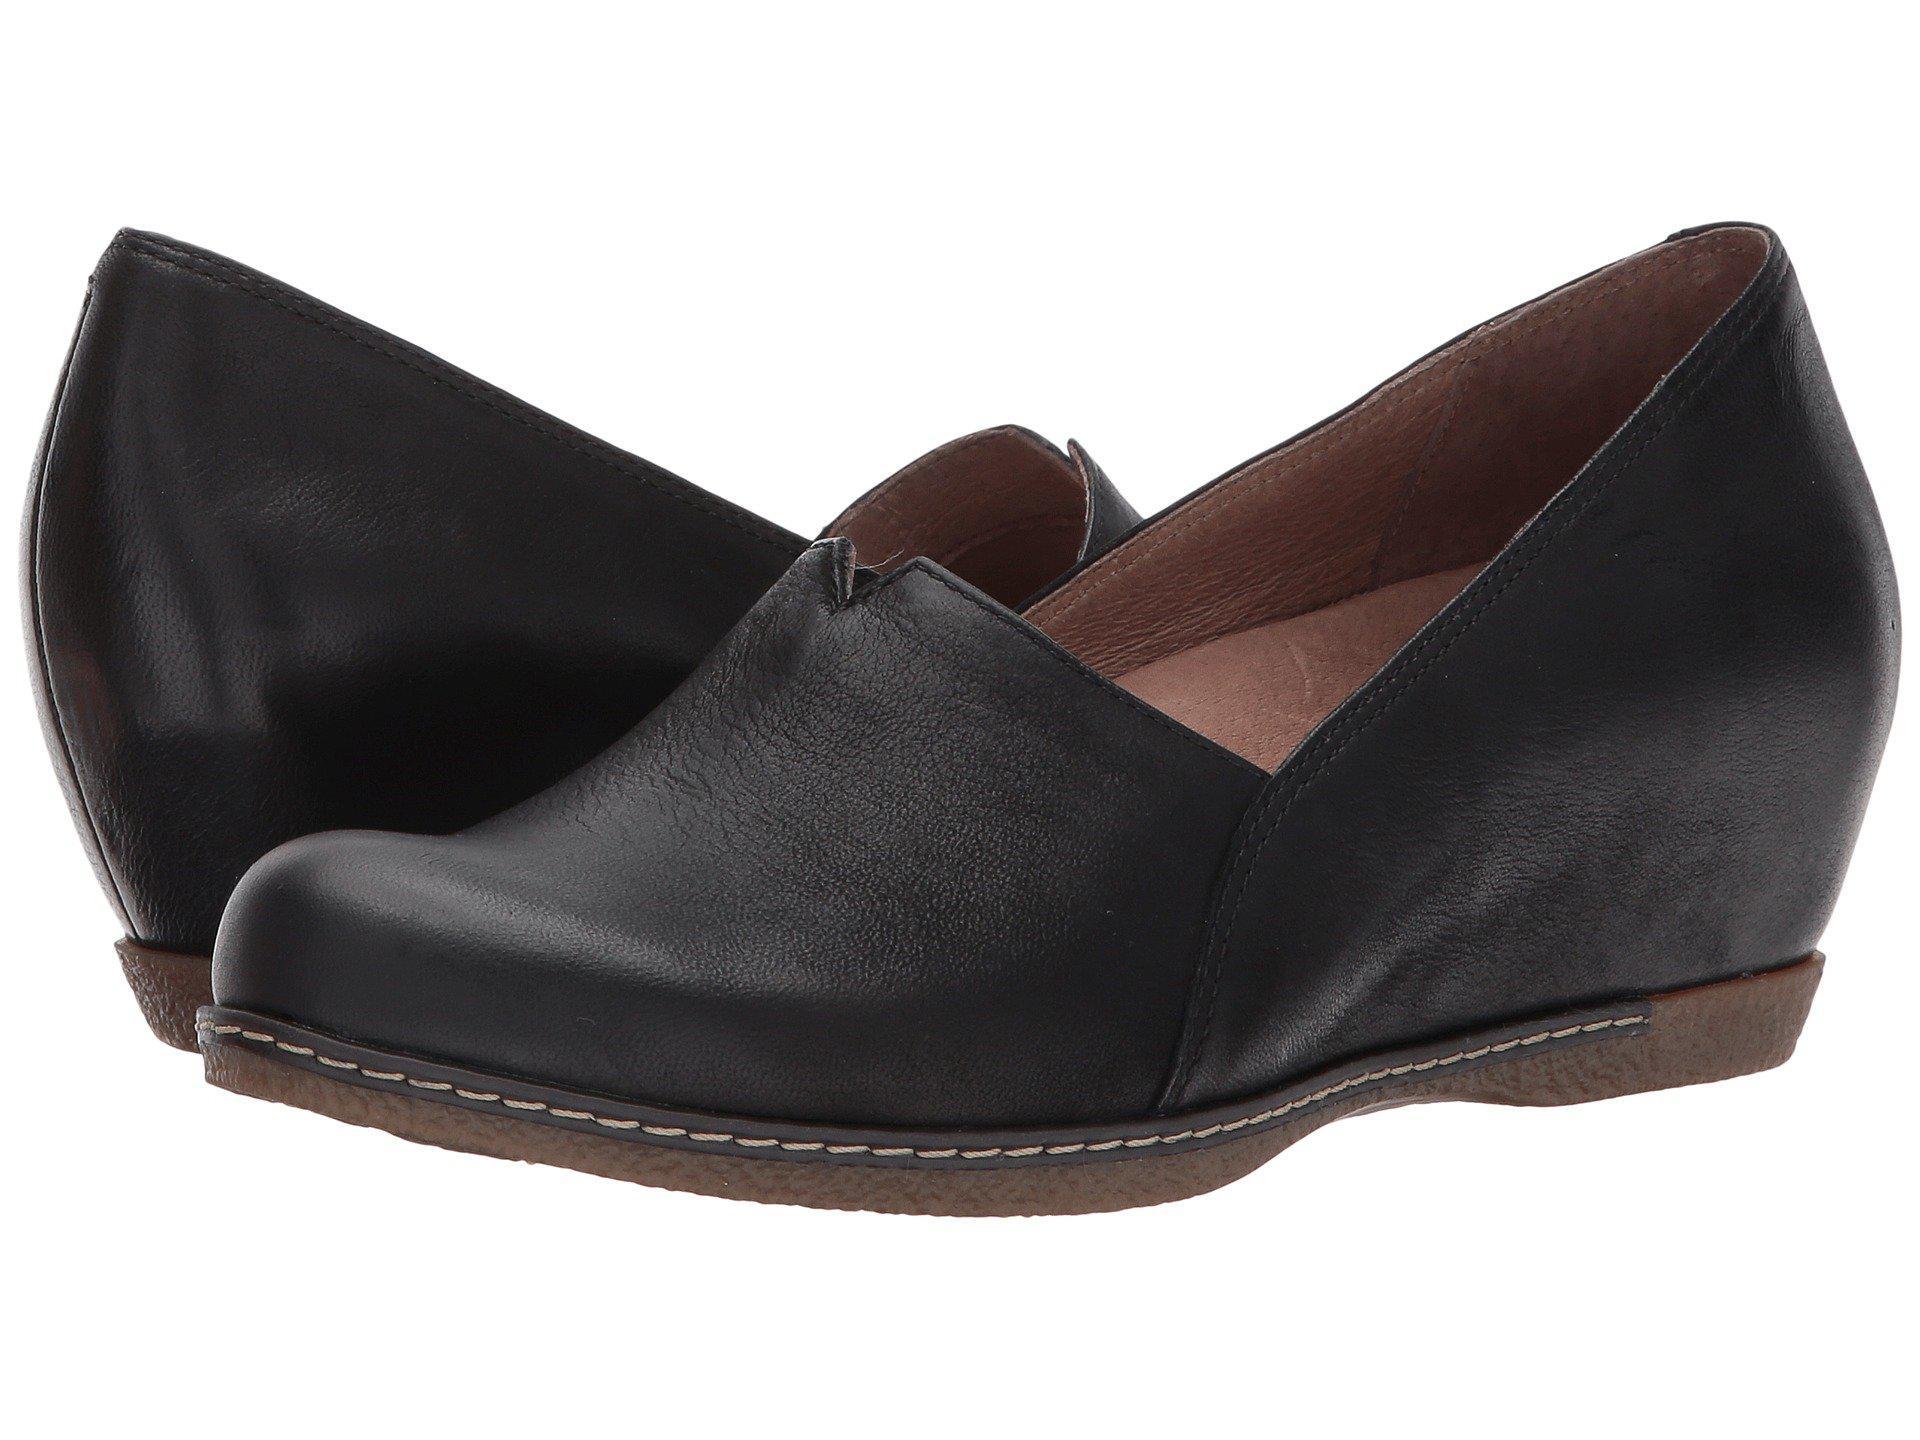 a0205d72404263 Lyst - Dansko Liliana (black Burnished Nubuck) Women s Shoes in Black